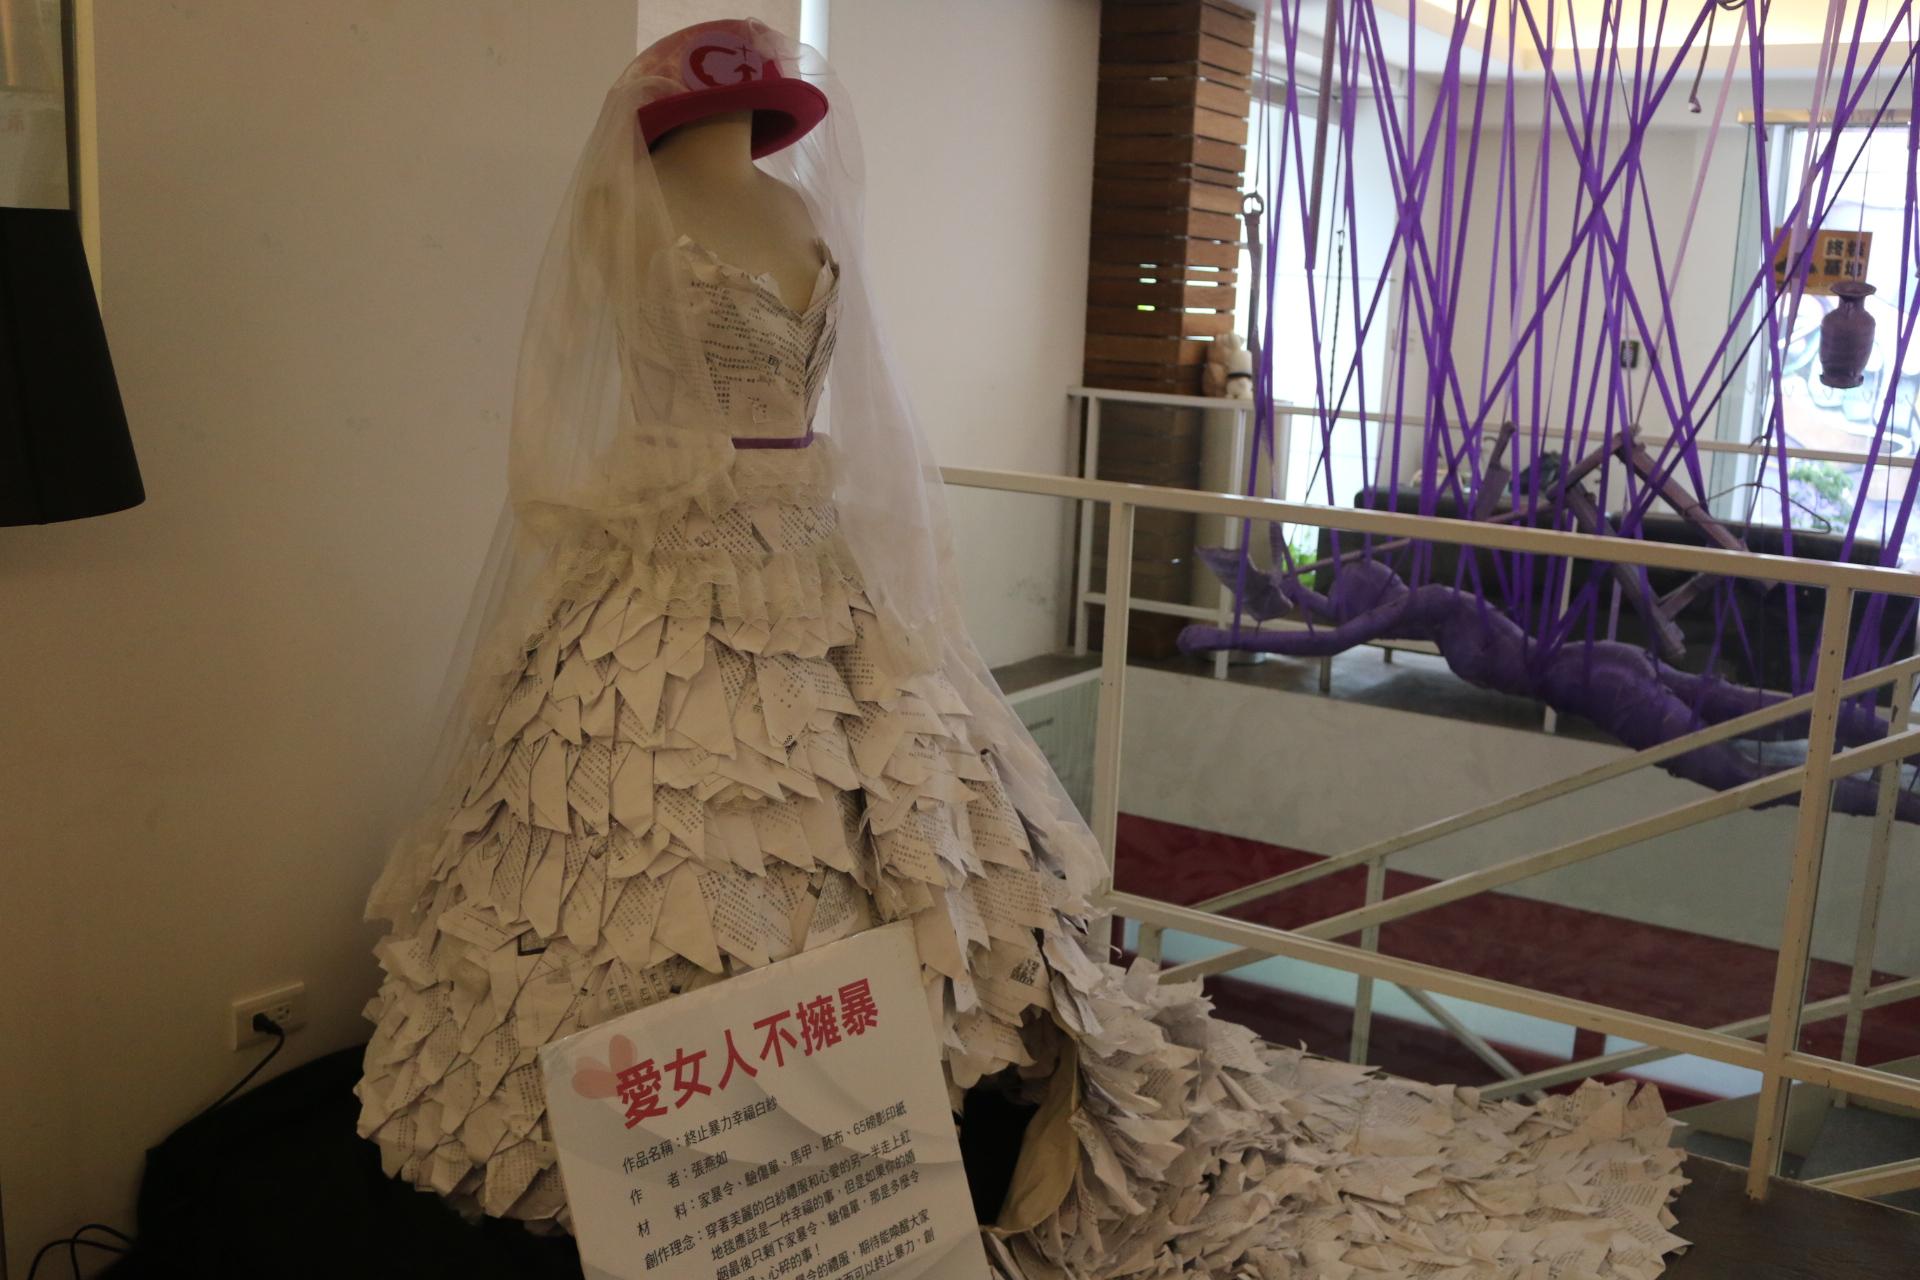 「愛女人,不擁暴」一張張的保護令堆疊成一件婚紗,讓大眾看到多少女性深受家暴的陰影。攝影╱黎萱